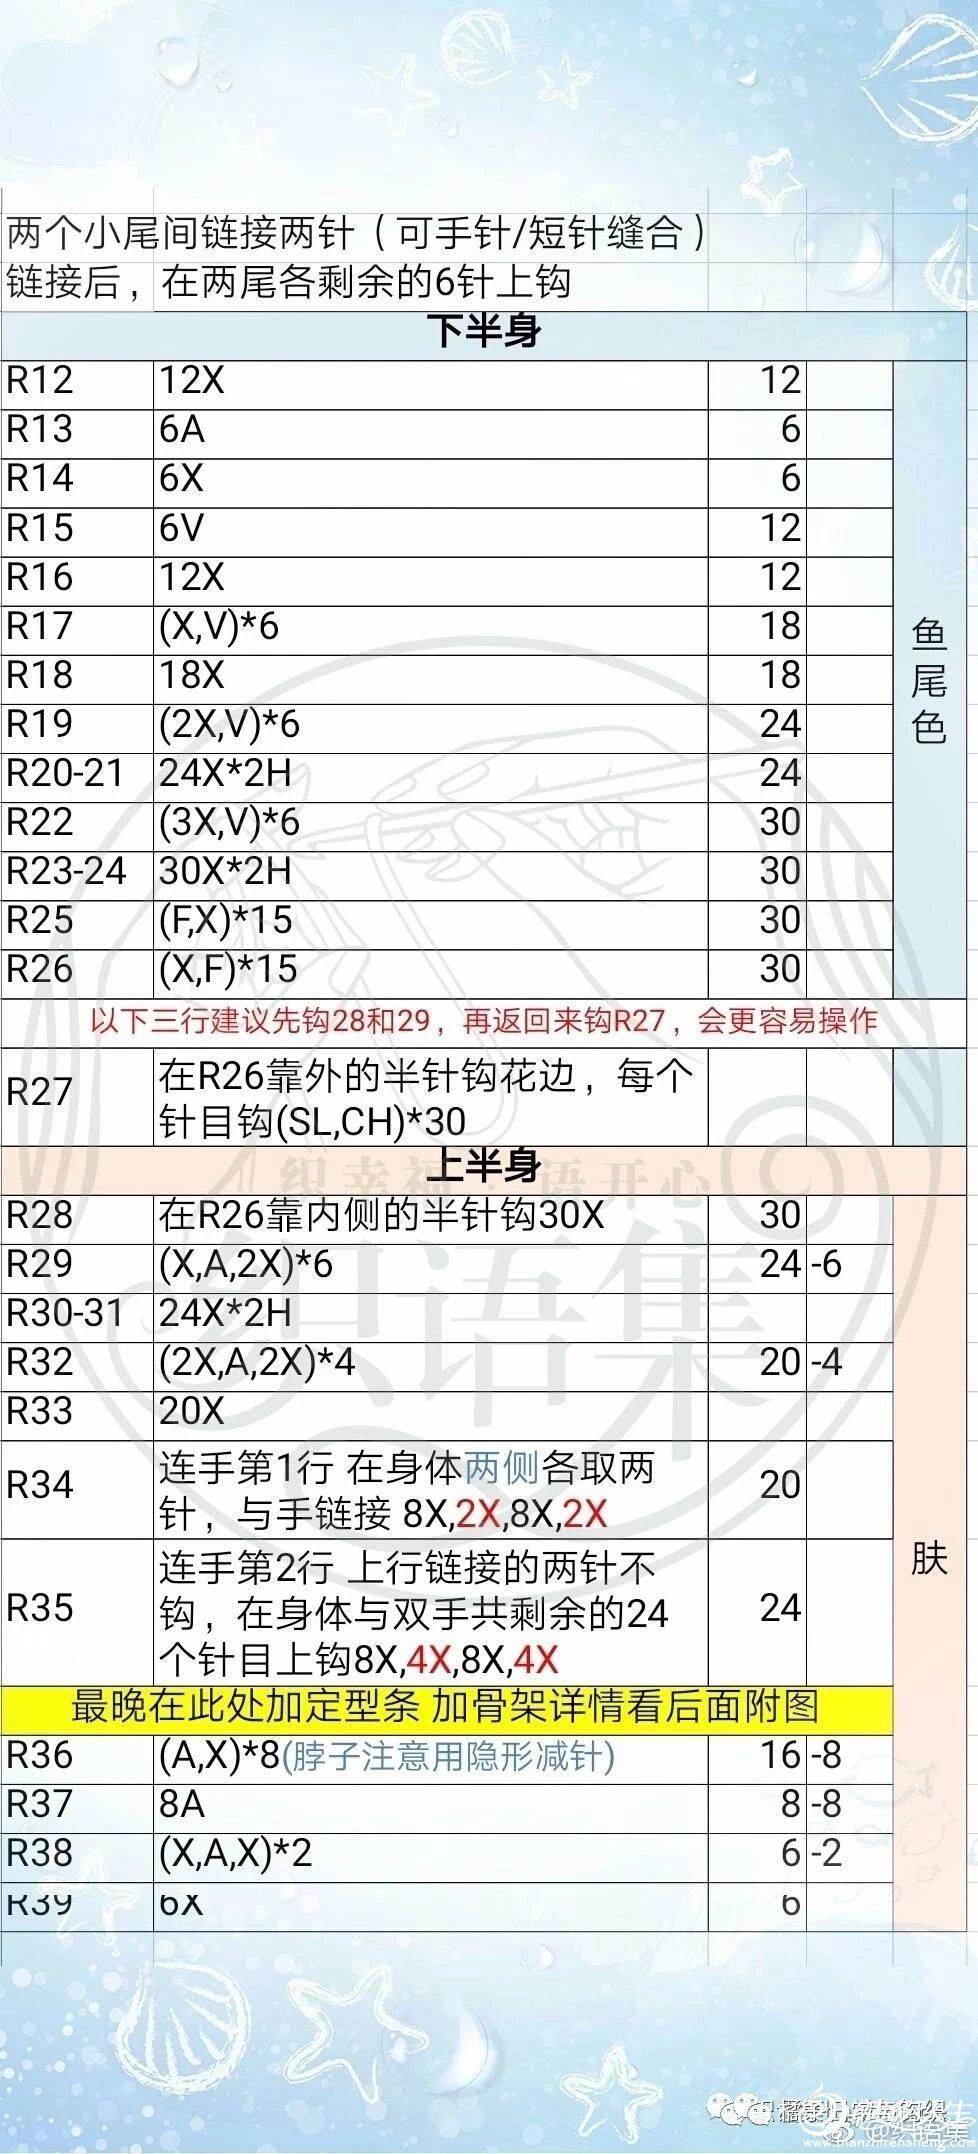 mmexport1558363796512.jpg